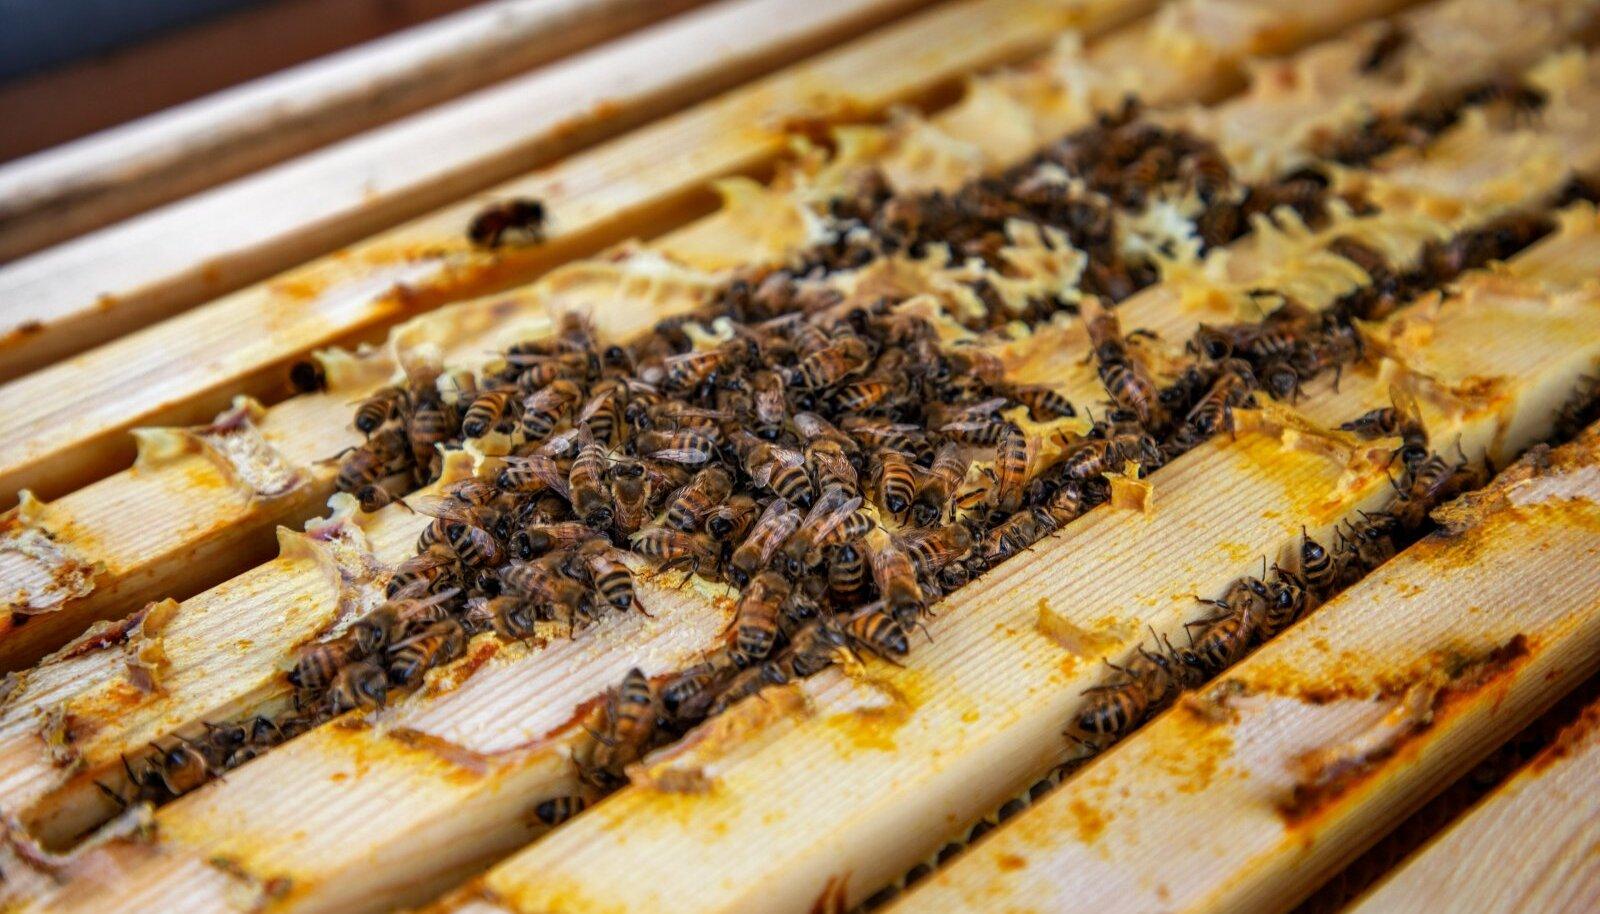 OÜ Ehe Mesi, OÜ Muhe mesi, mesilased, talv, mesilastaru